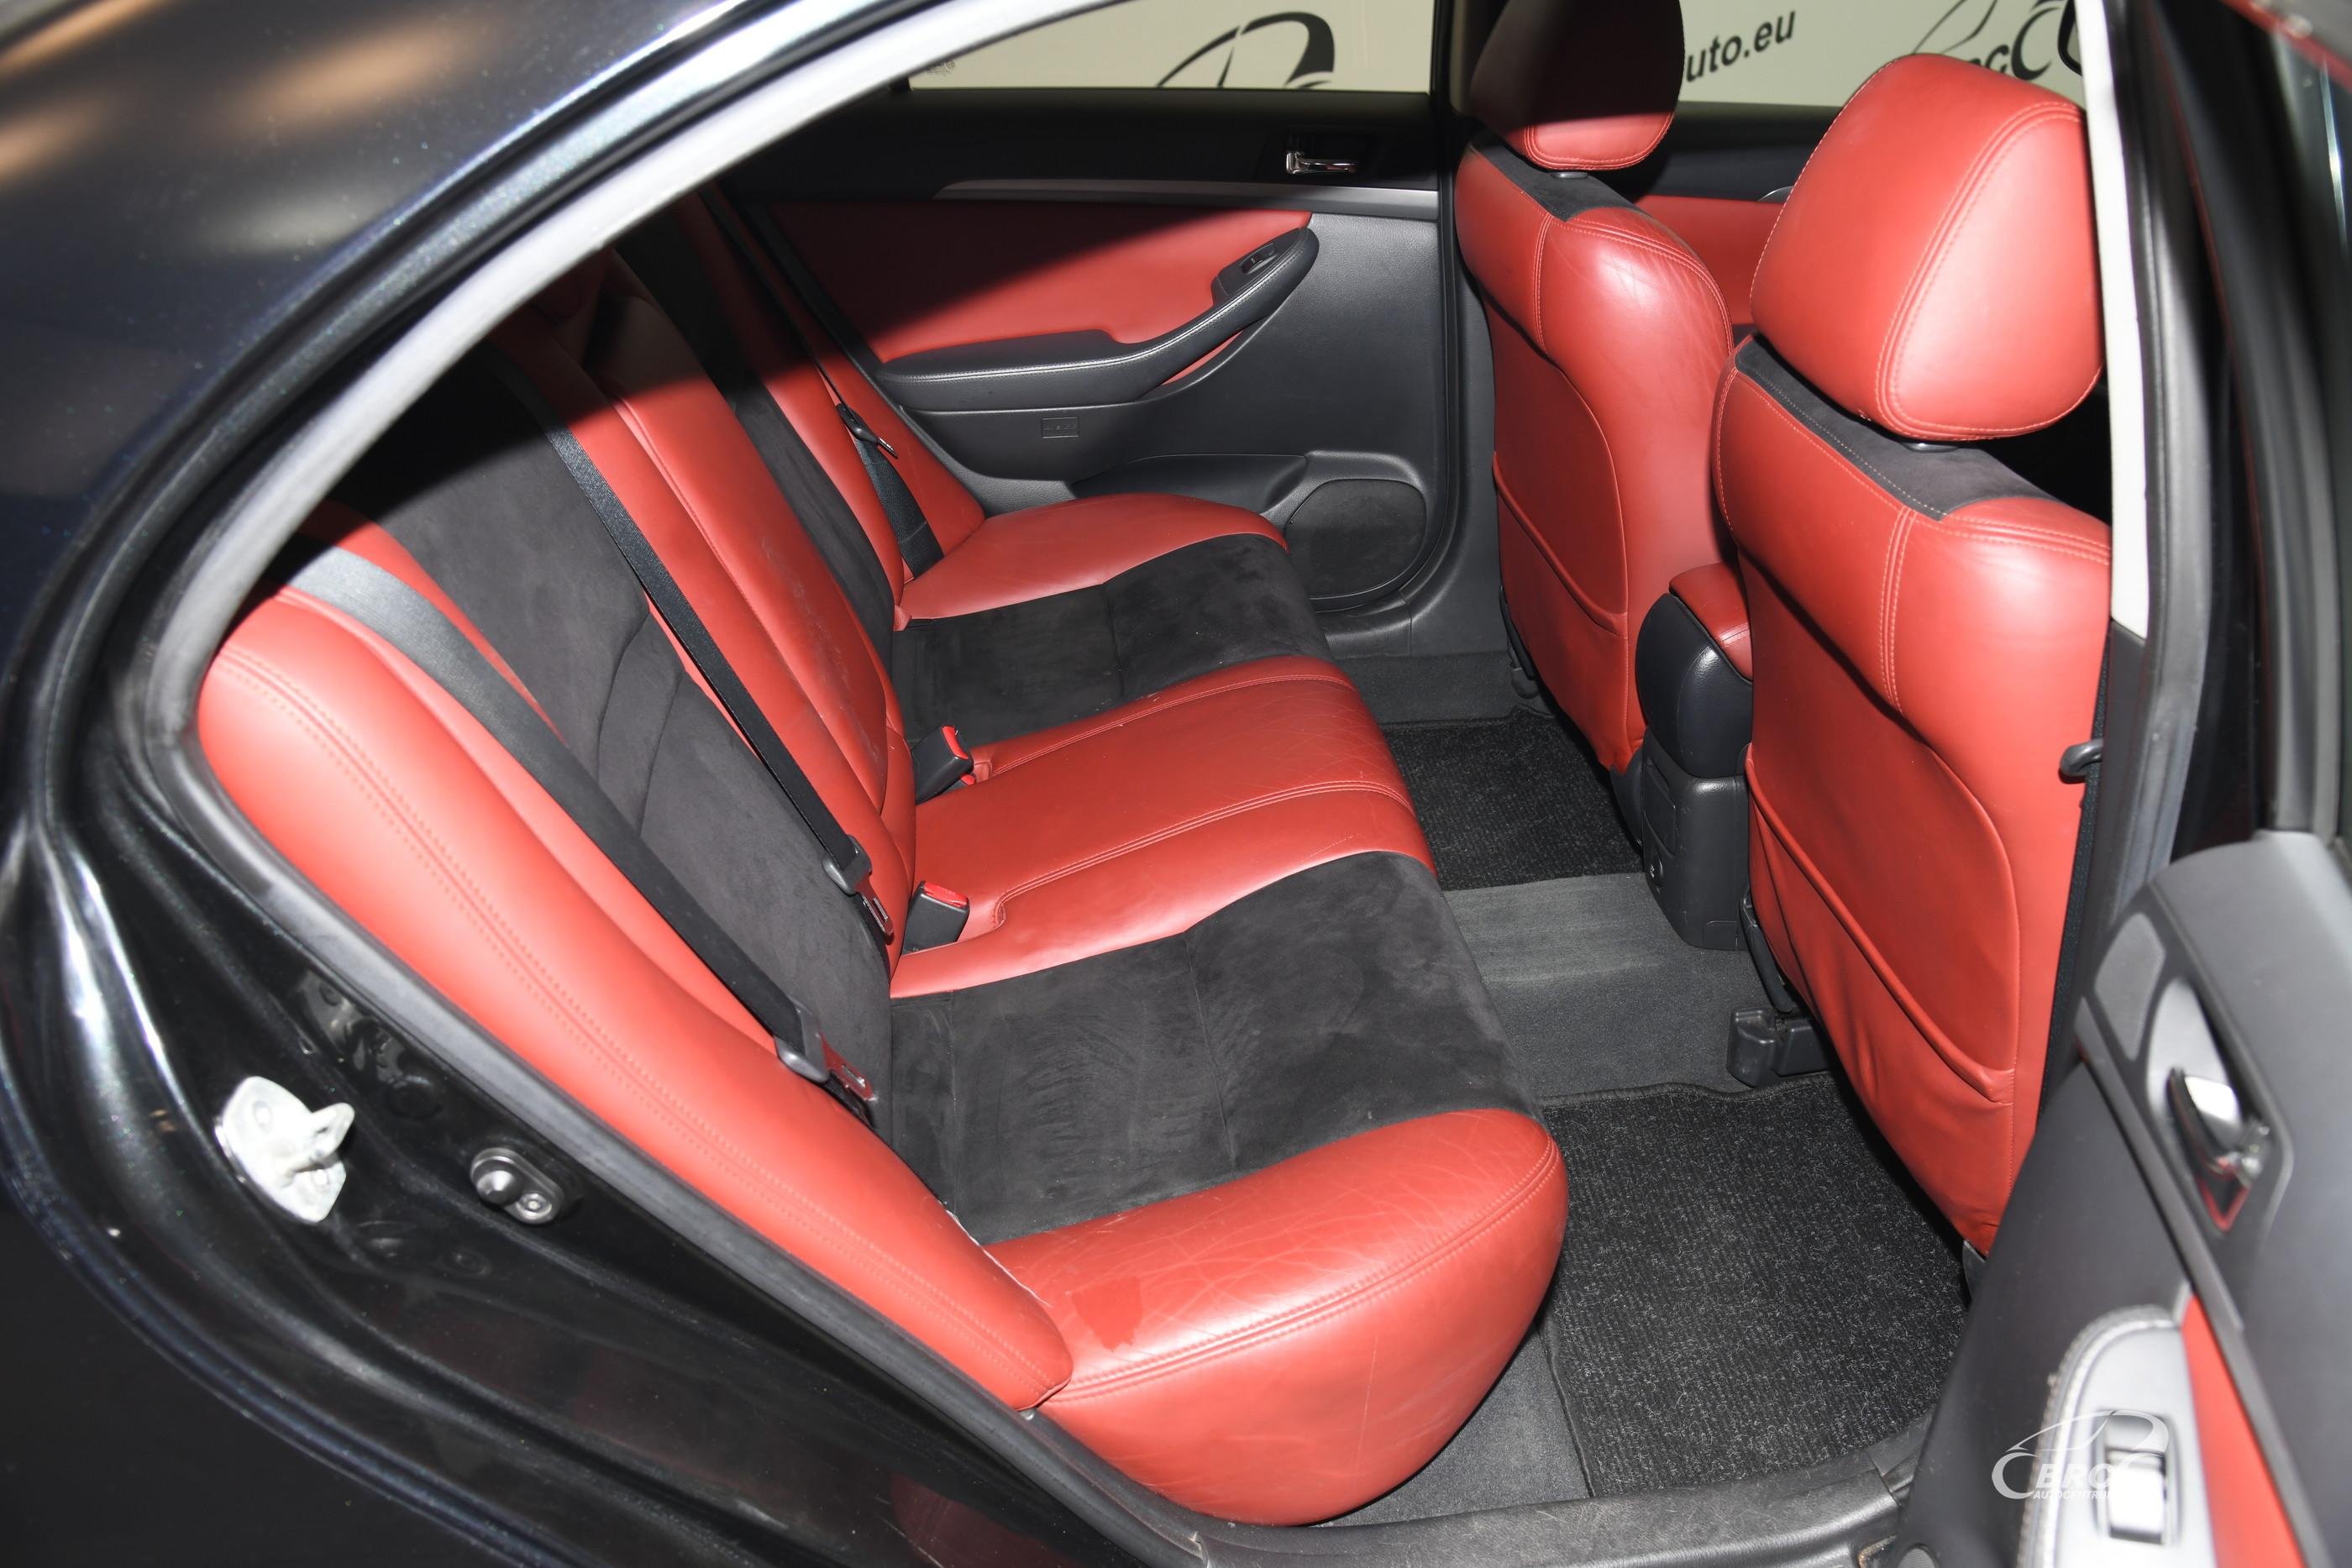 Toyota Avensis 2.0 D-4D Linea Sol